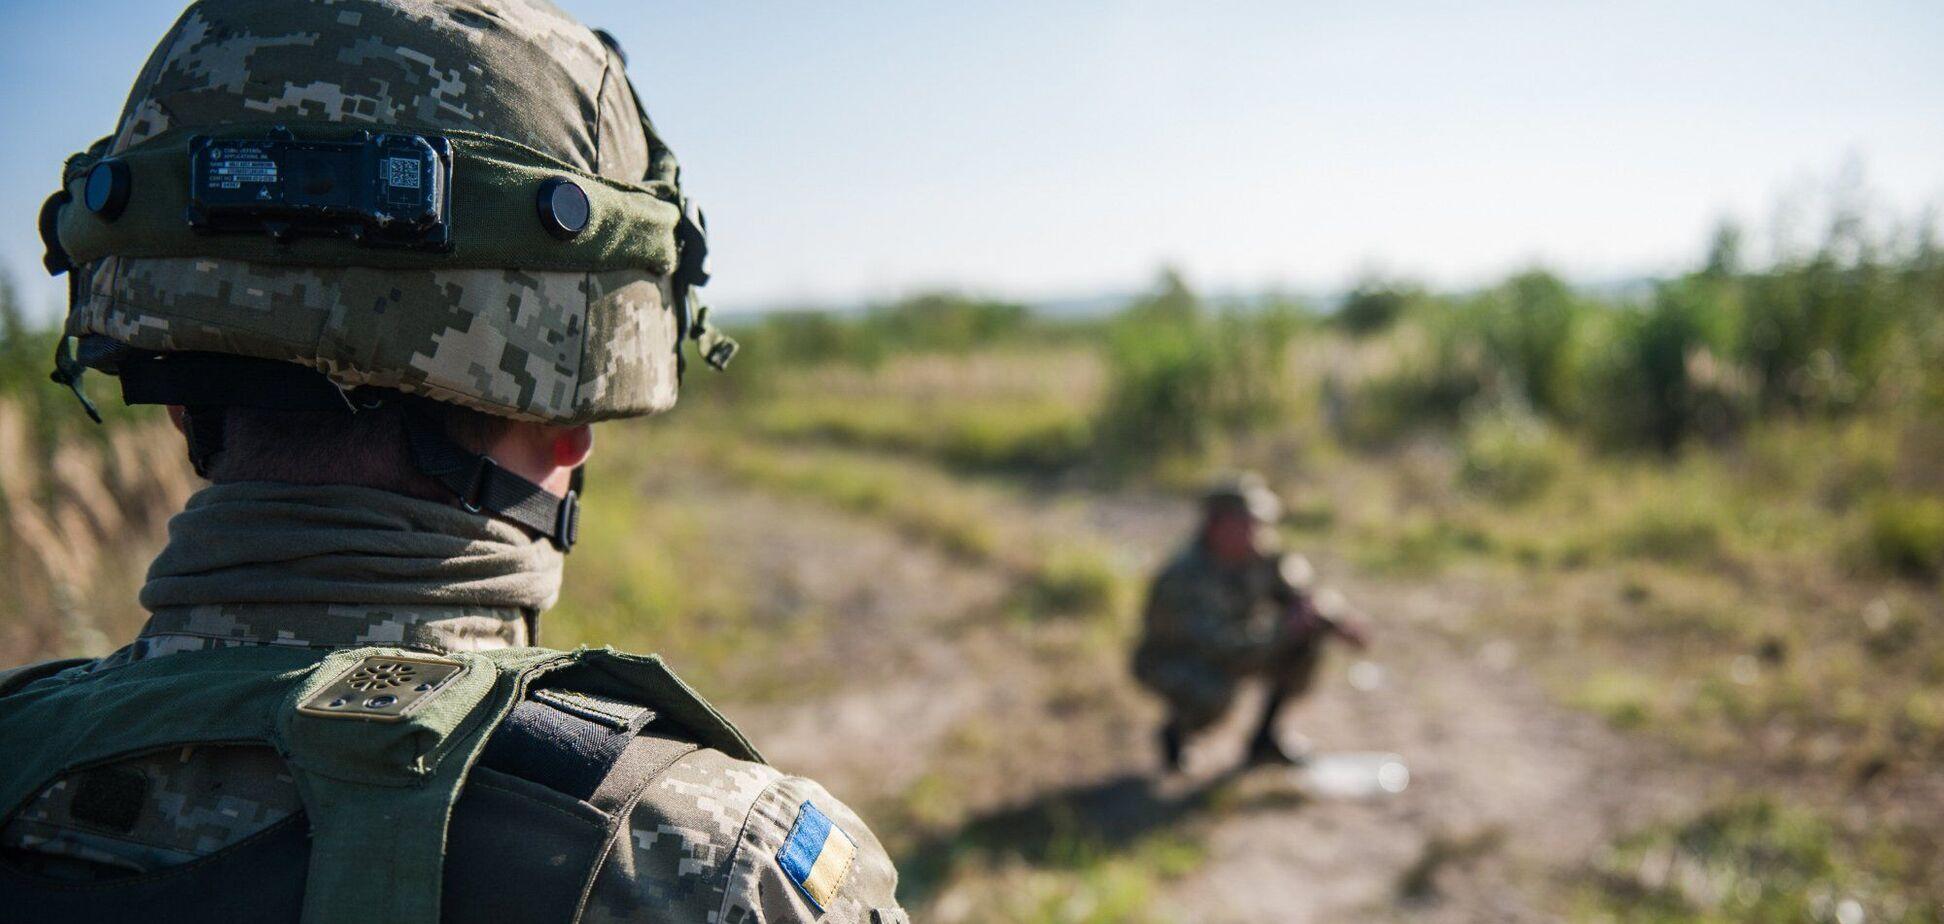 У штабі ООС розповіли, що зараз відбувається на Донбасі, фото: mil.gov.ua